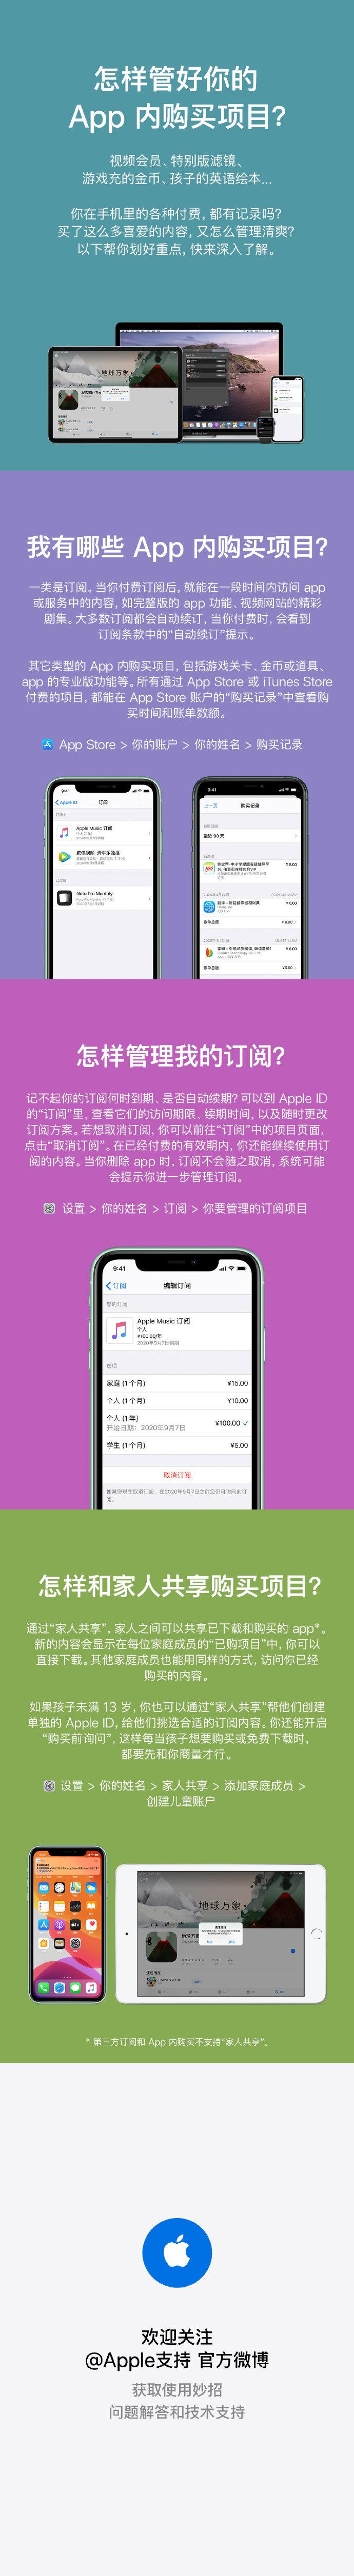 ikgL4q - 刪除 App 不代表取消訂閱!蘋果官方回應 App 內購收費問題